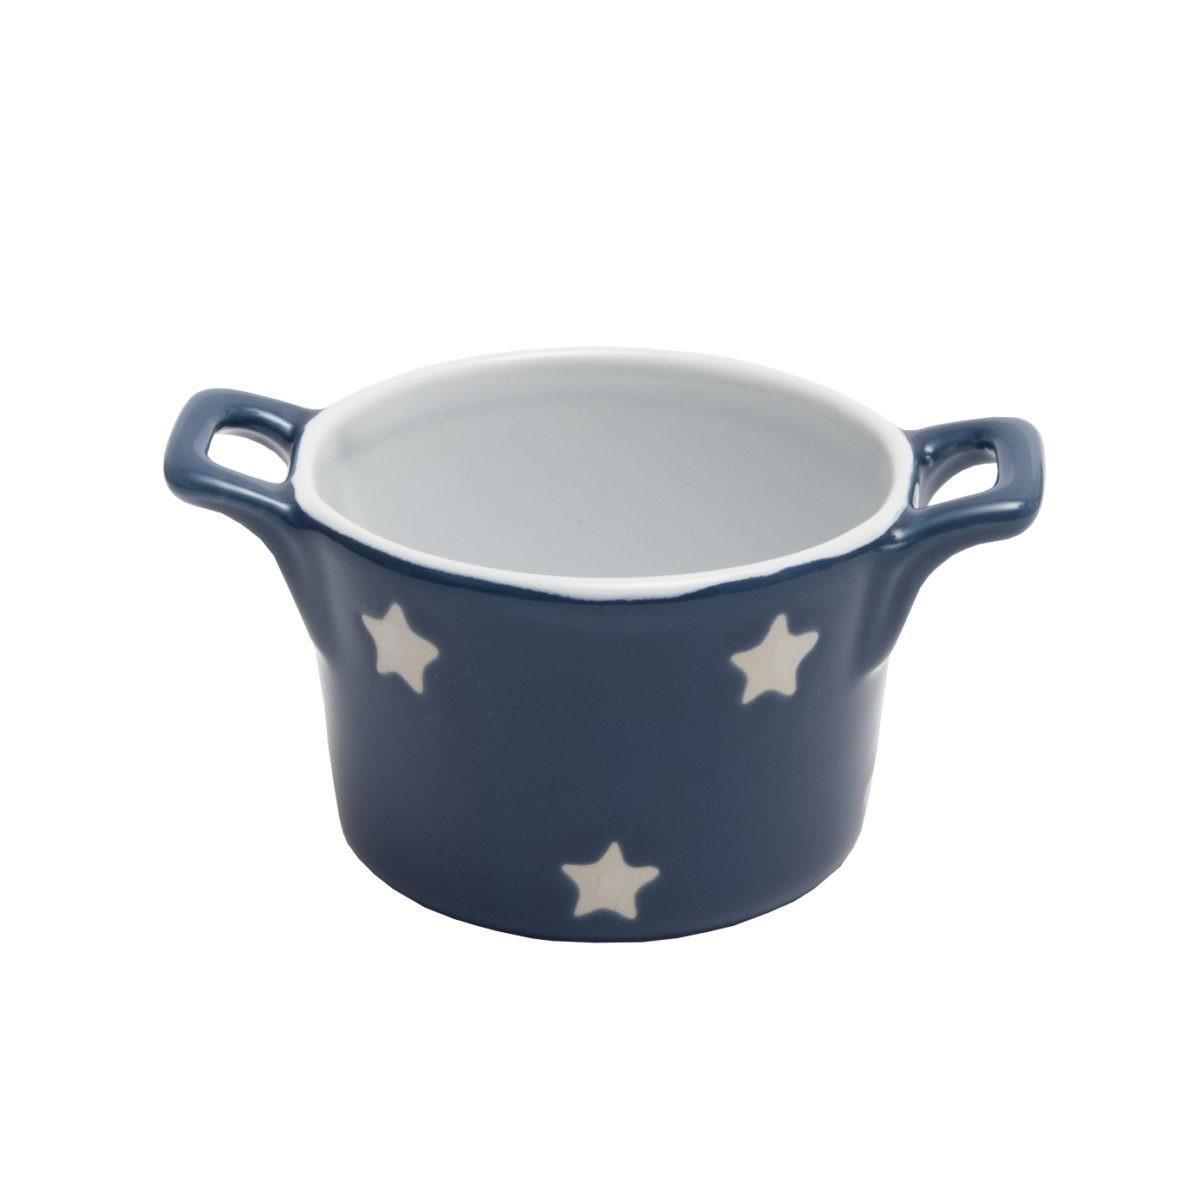 Muffin kleine Backform Keramik Dunkelblau mit weißen Sternen Isabelle Rose